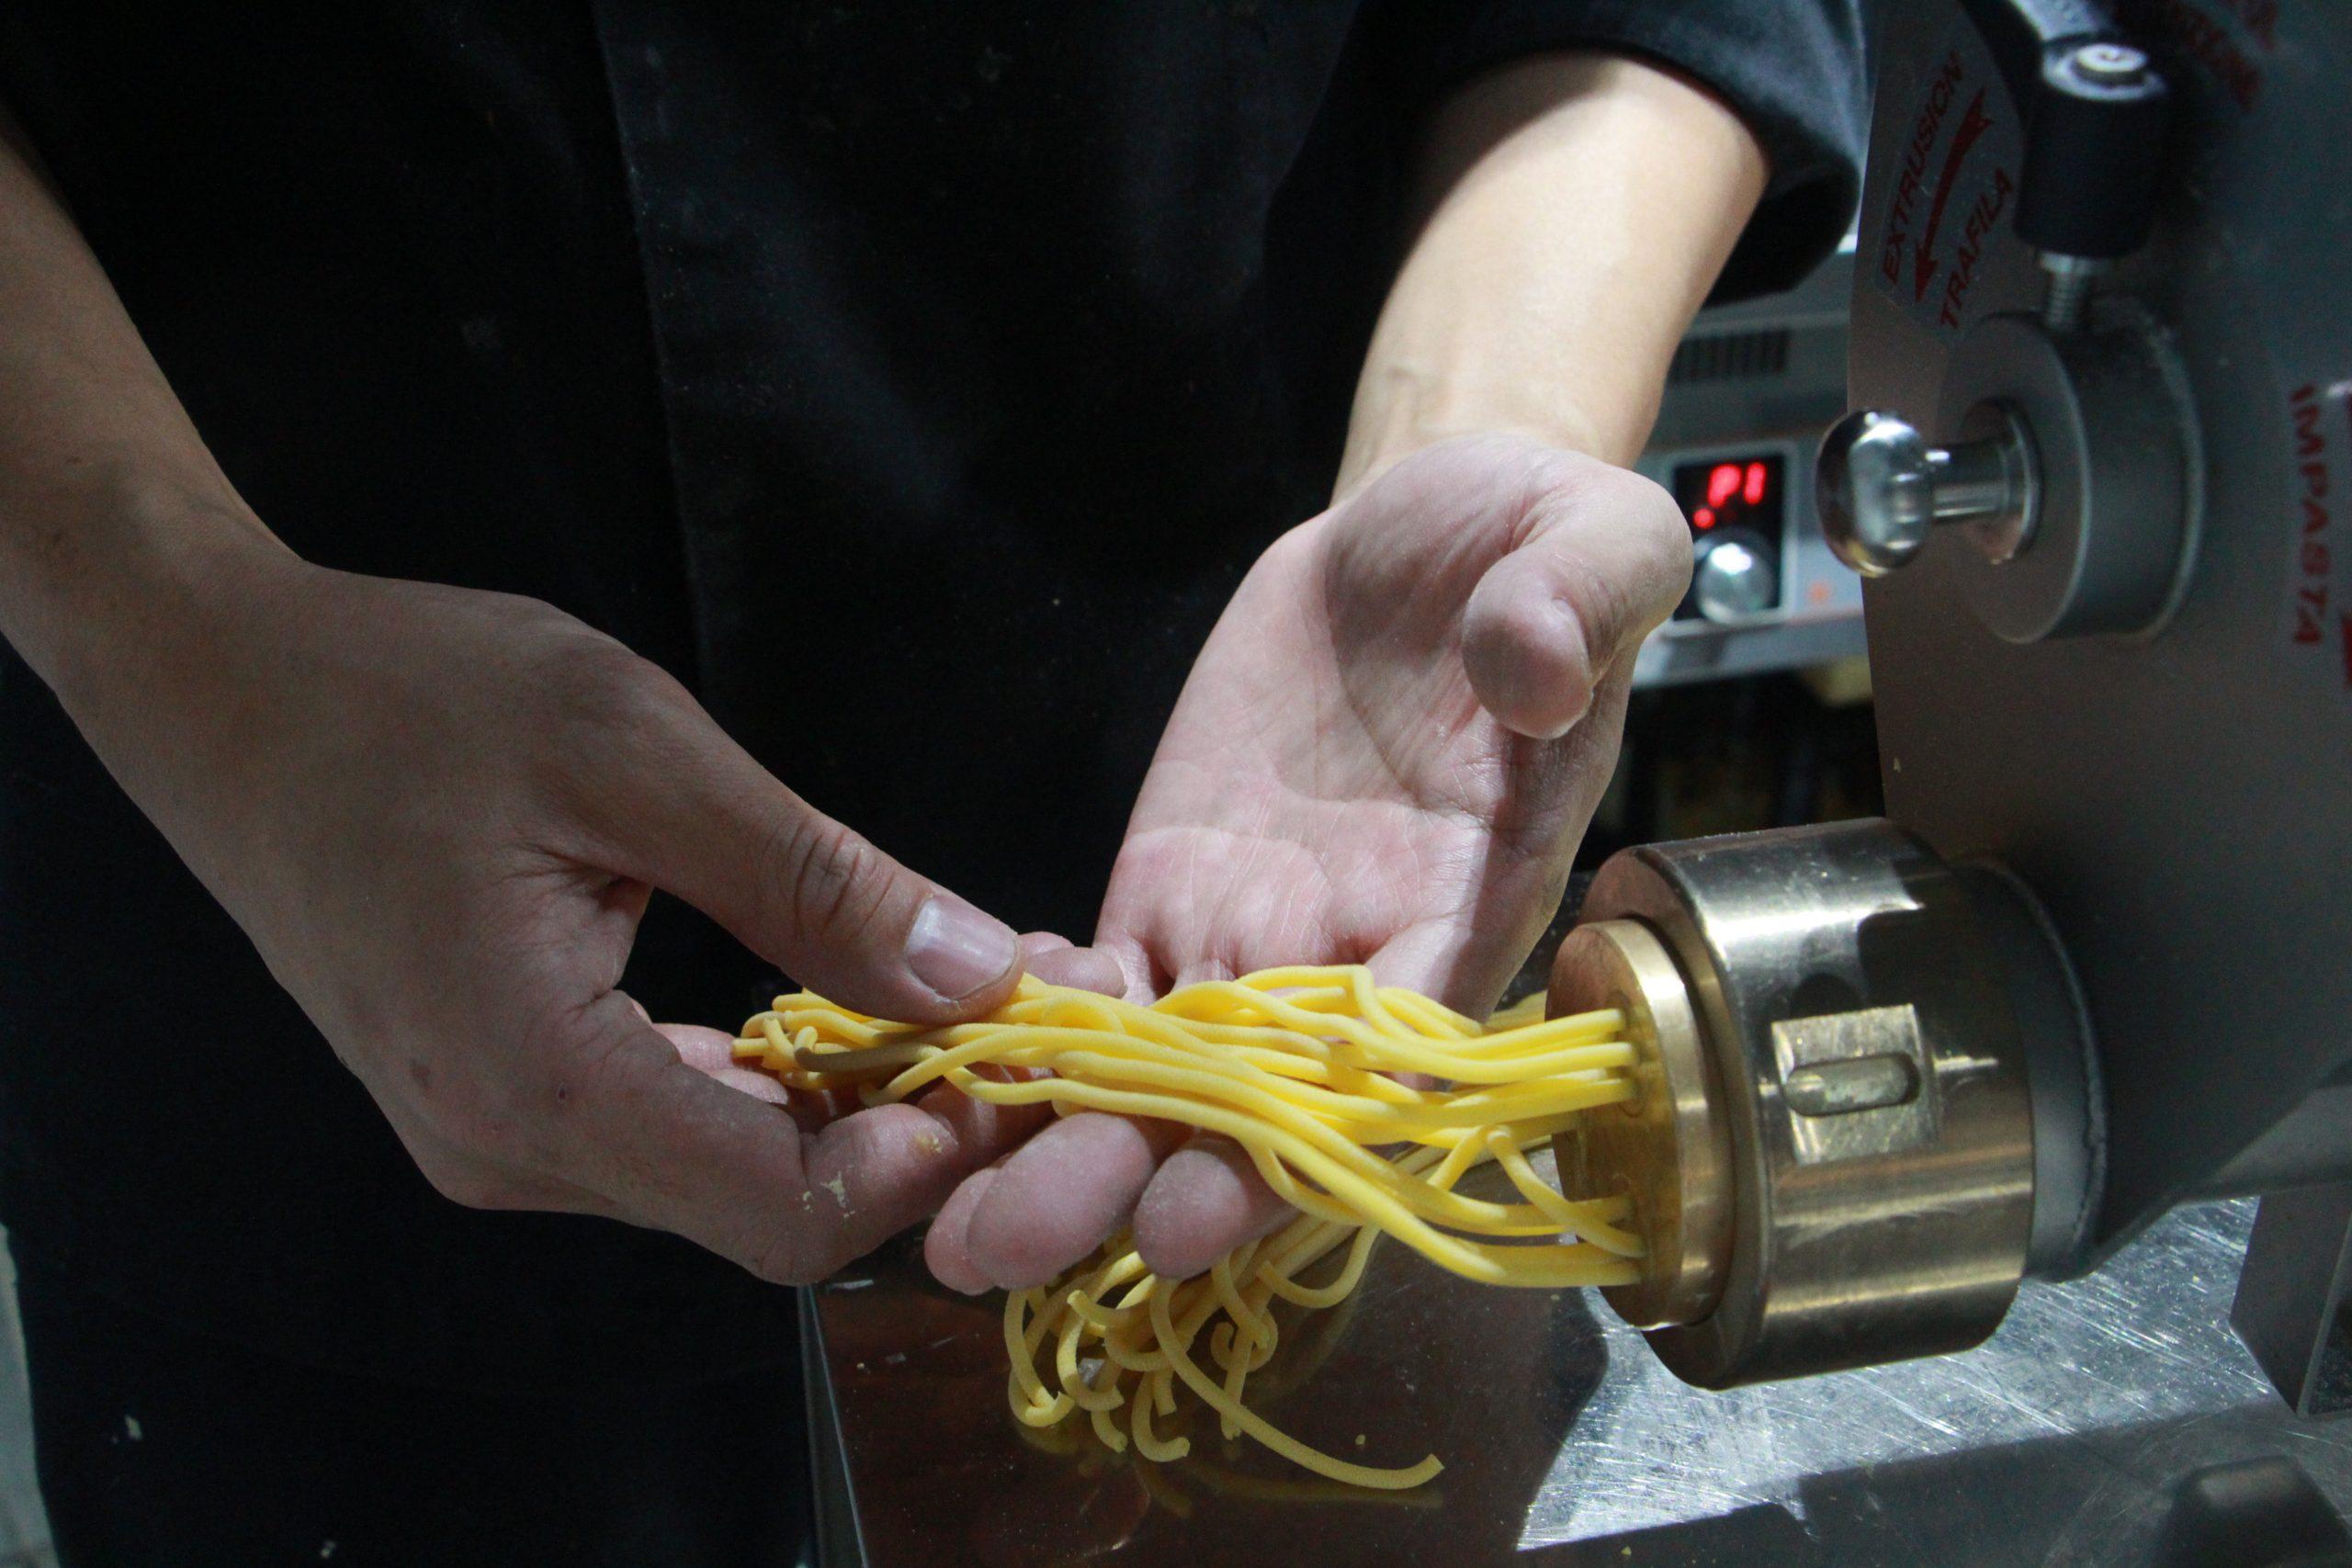 JEP by Involtini 屯門 意大利粉 西餐 黃店 新鮮製造 壓麵機